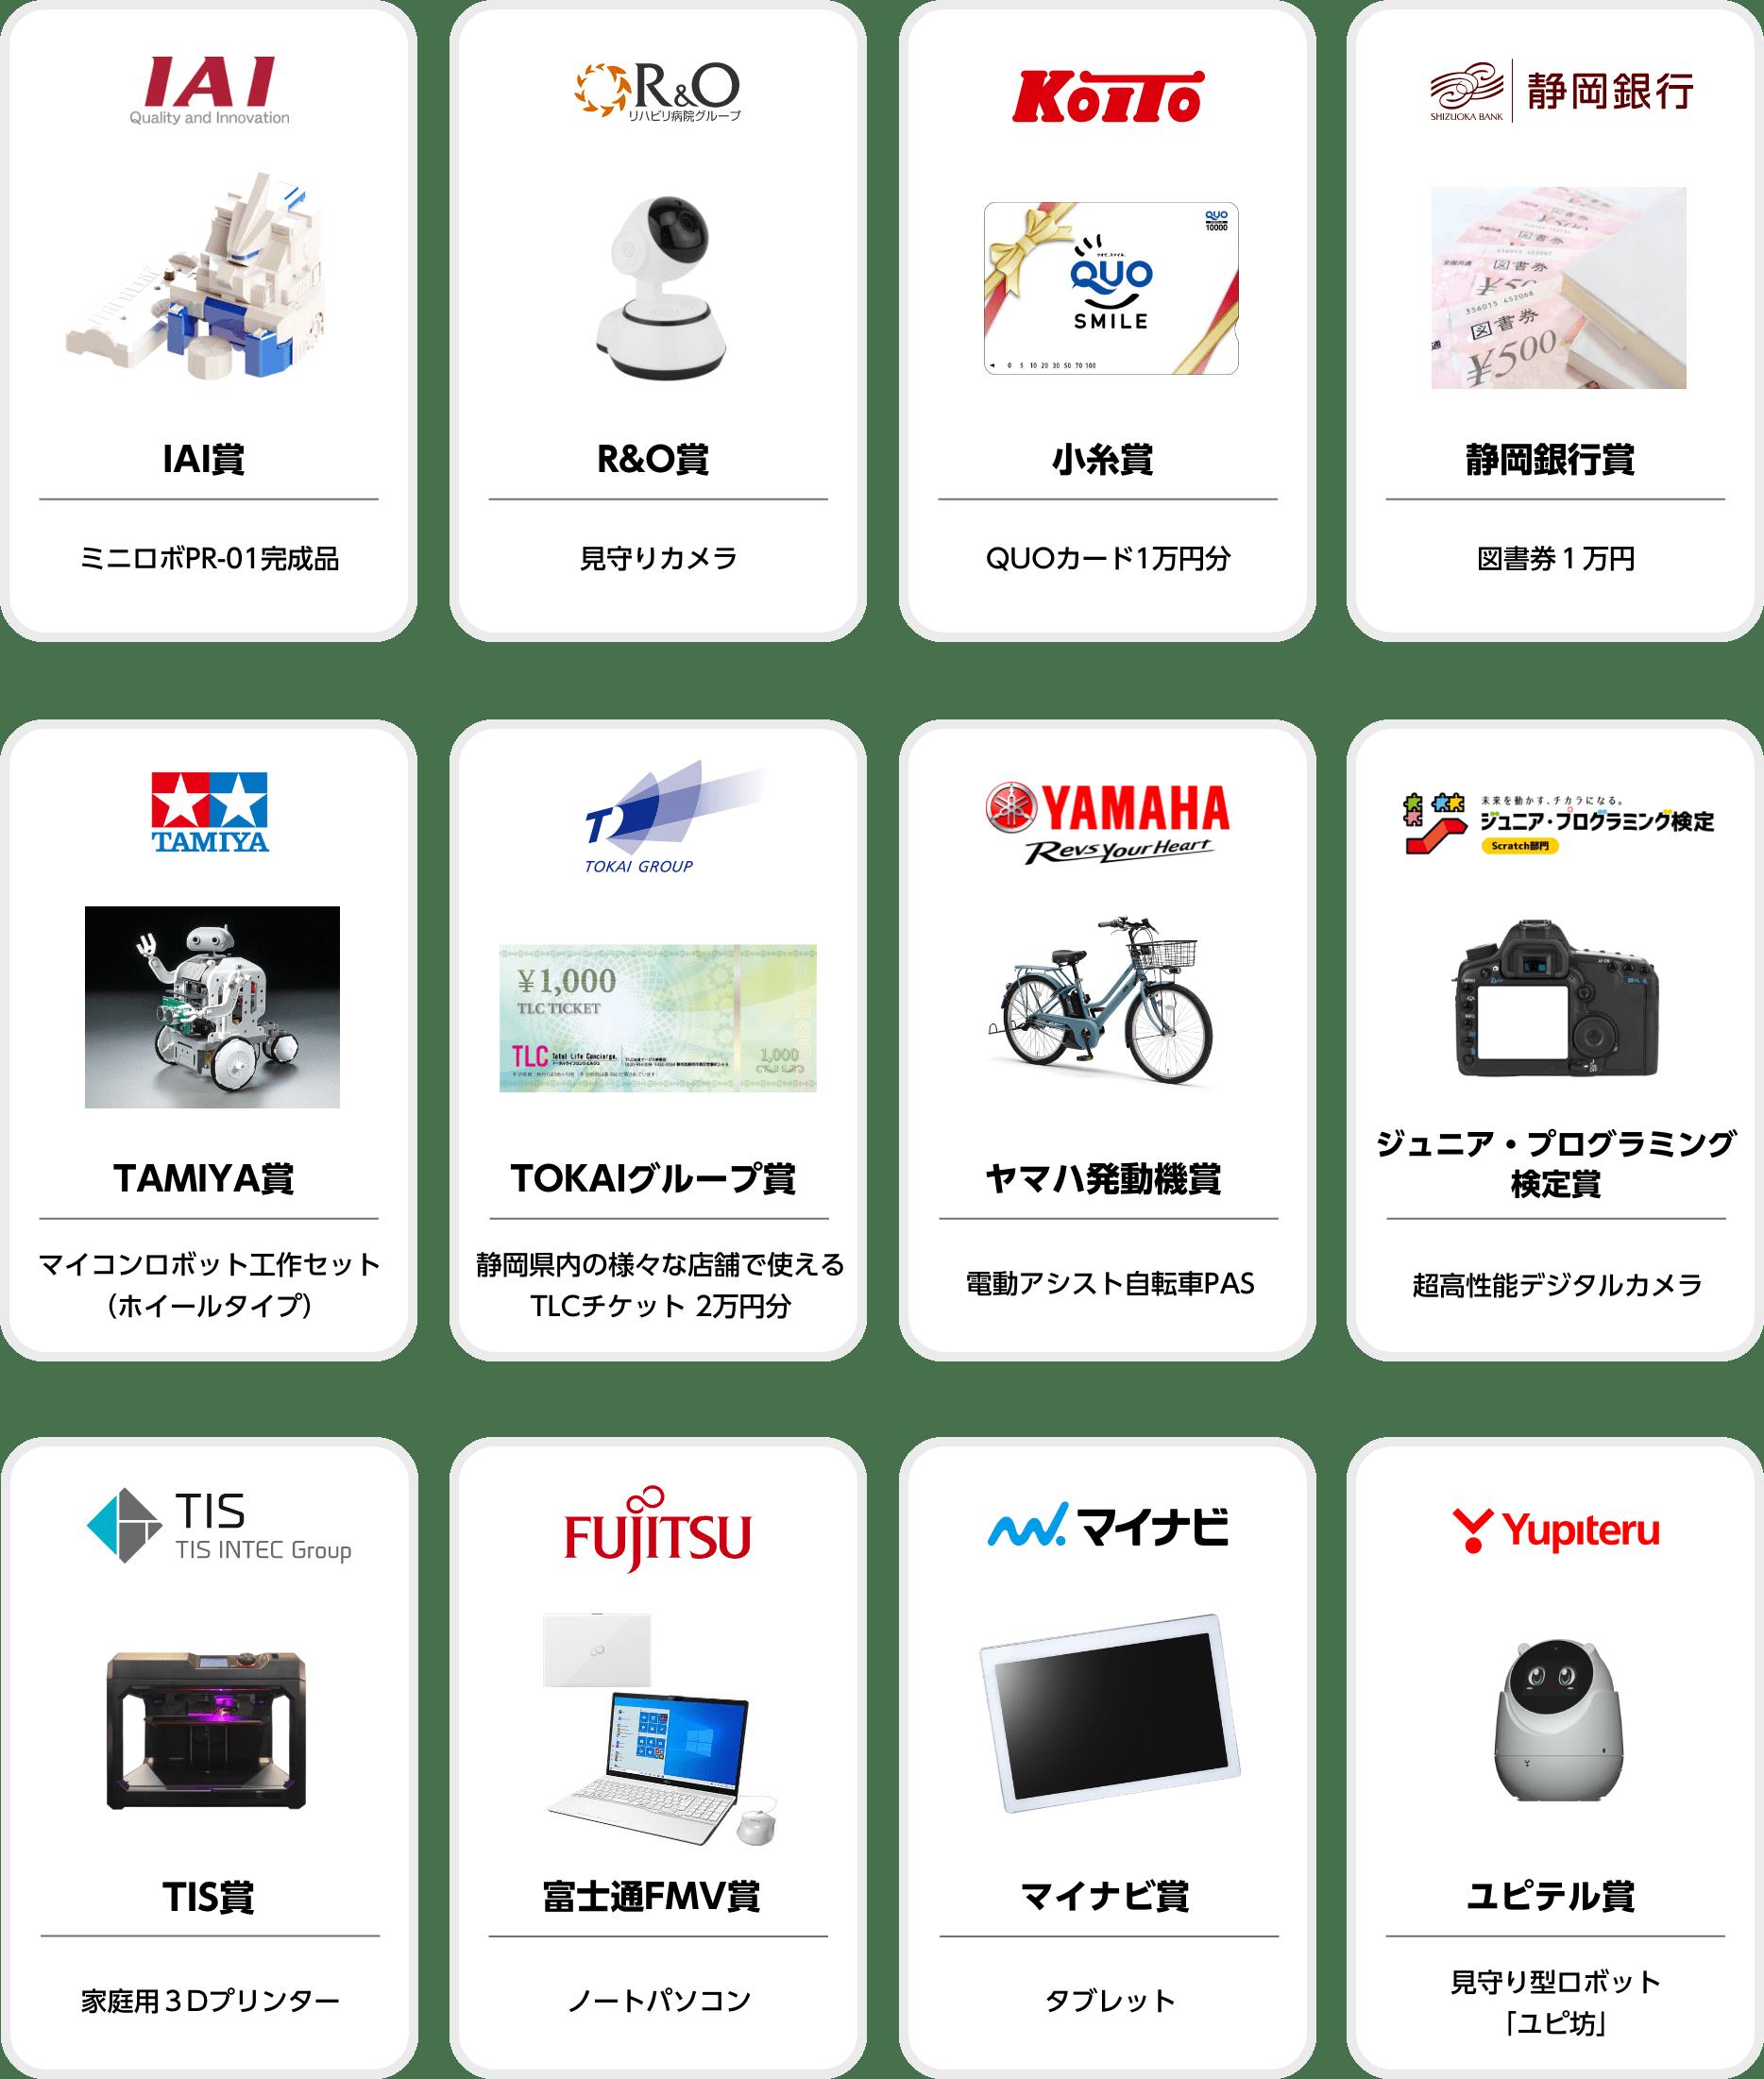 賞状と各企業からの副賞